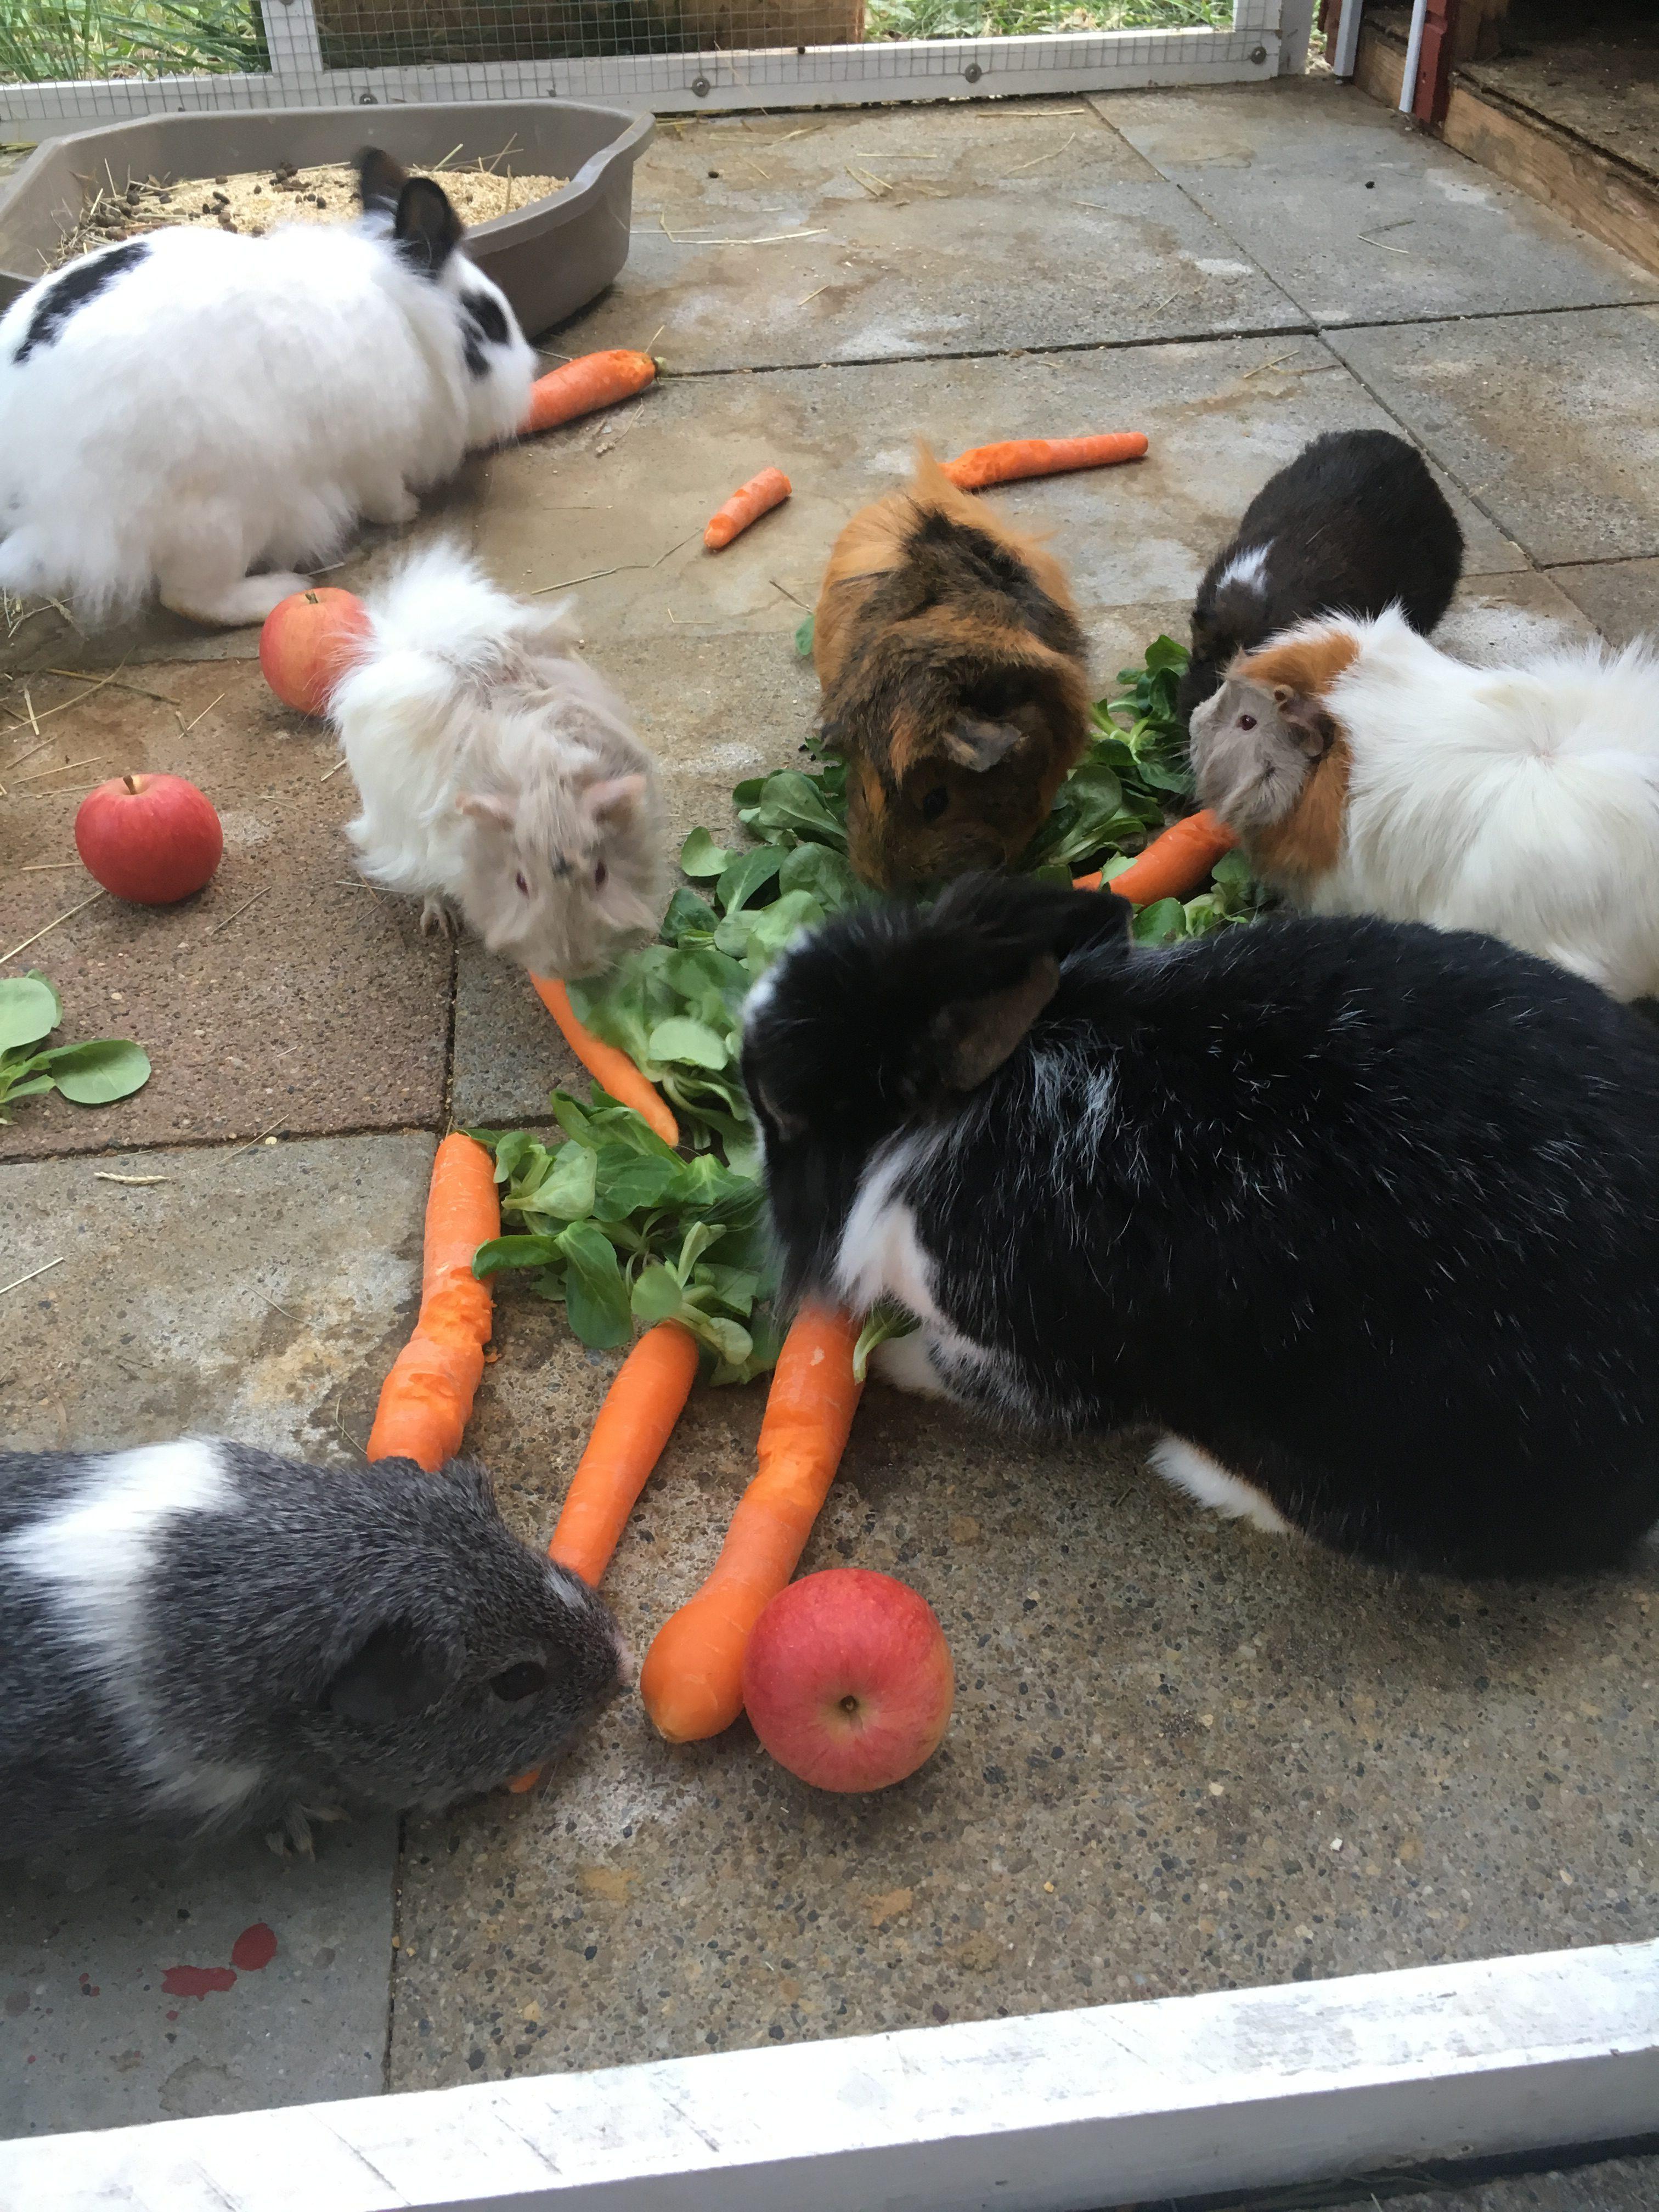 Meerschweinchen und Kaninchen im Freigehege